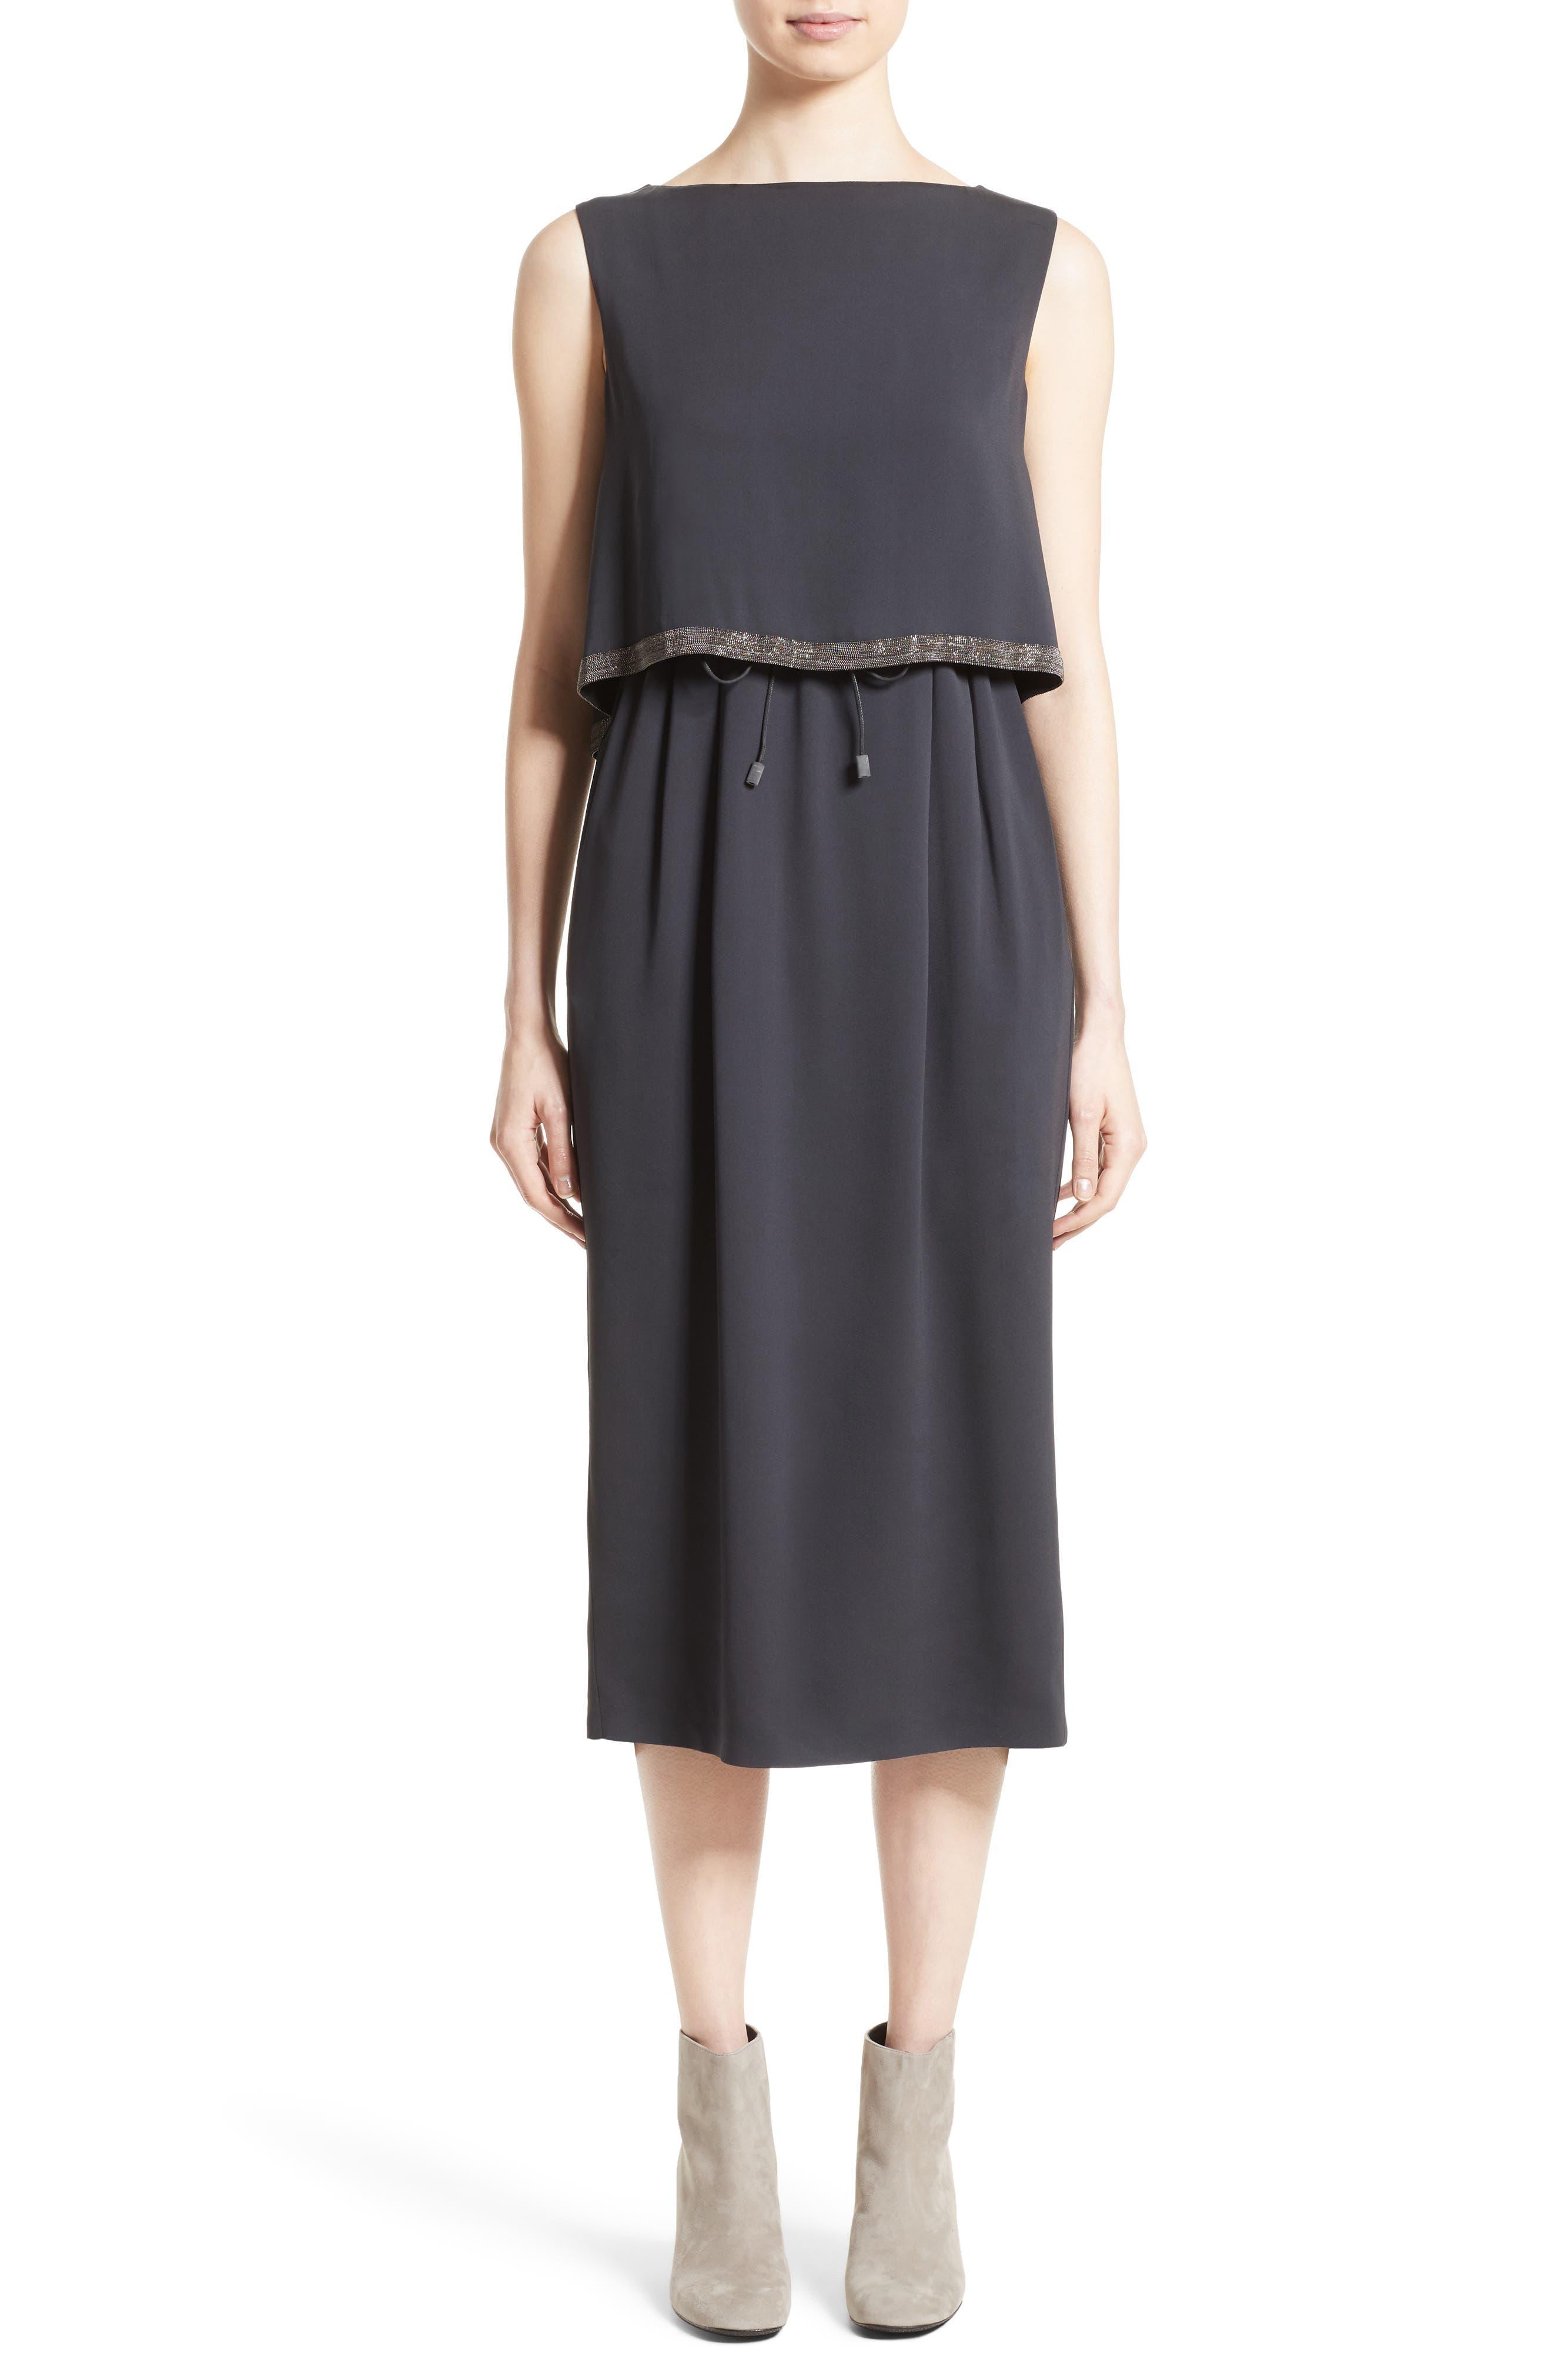 Alternate Image 1 Selected - Fabiana Filippi Embellished Silk Drawstring Dress